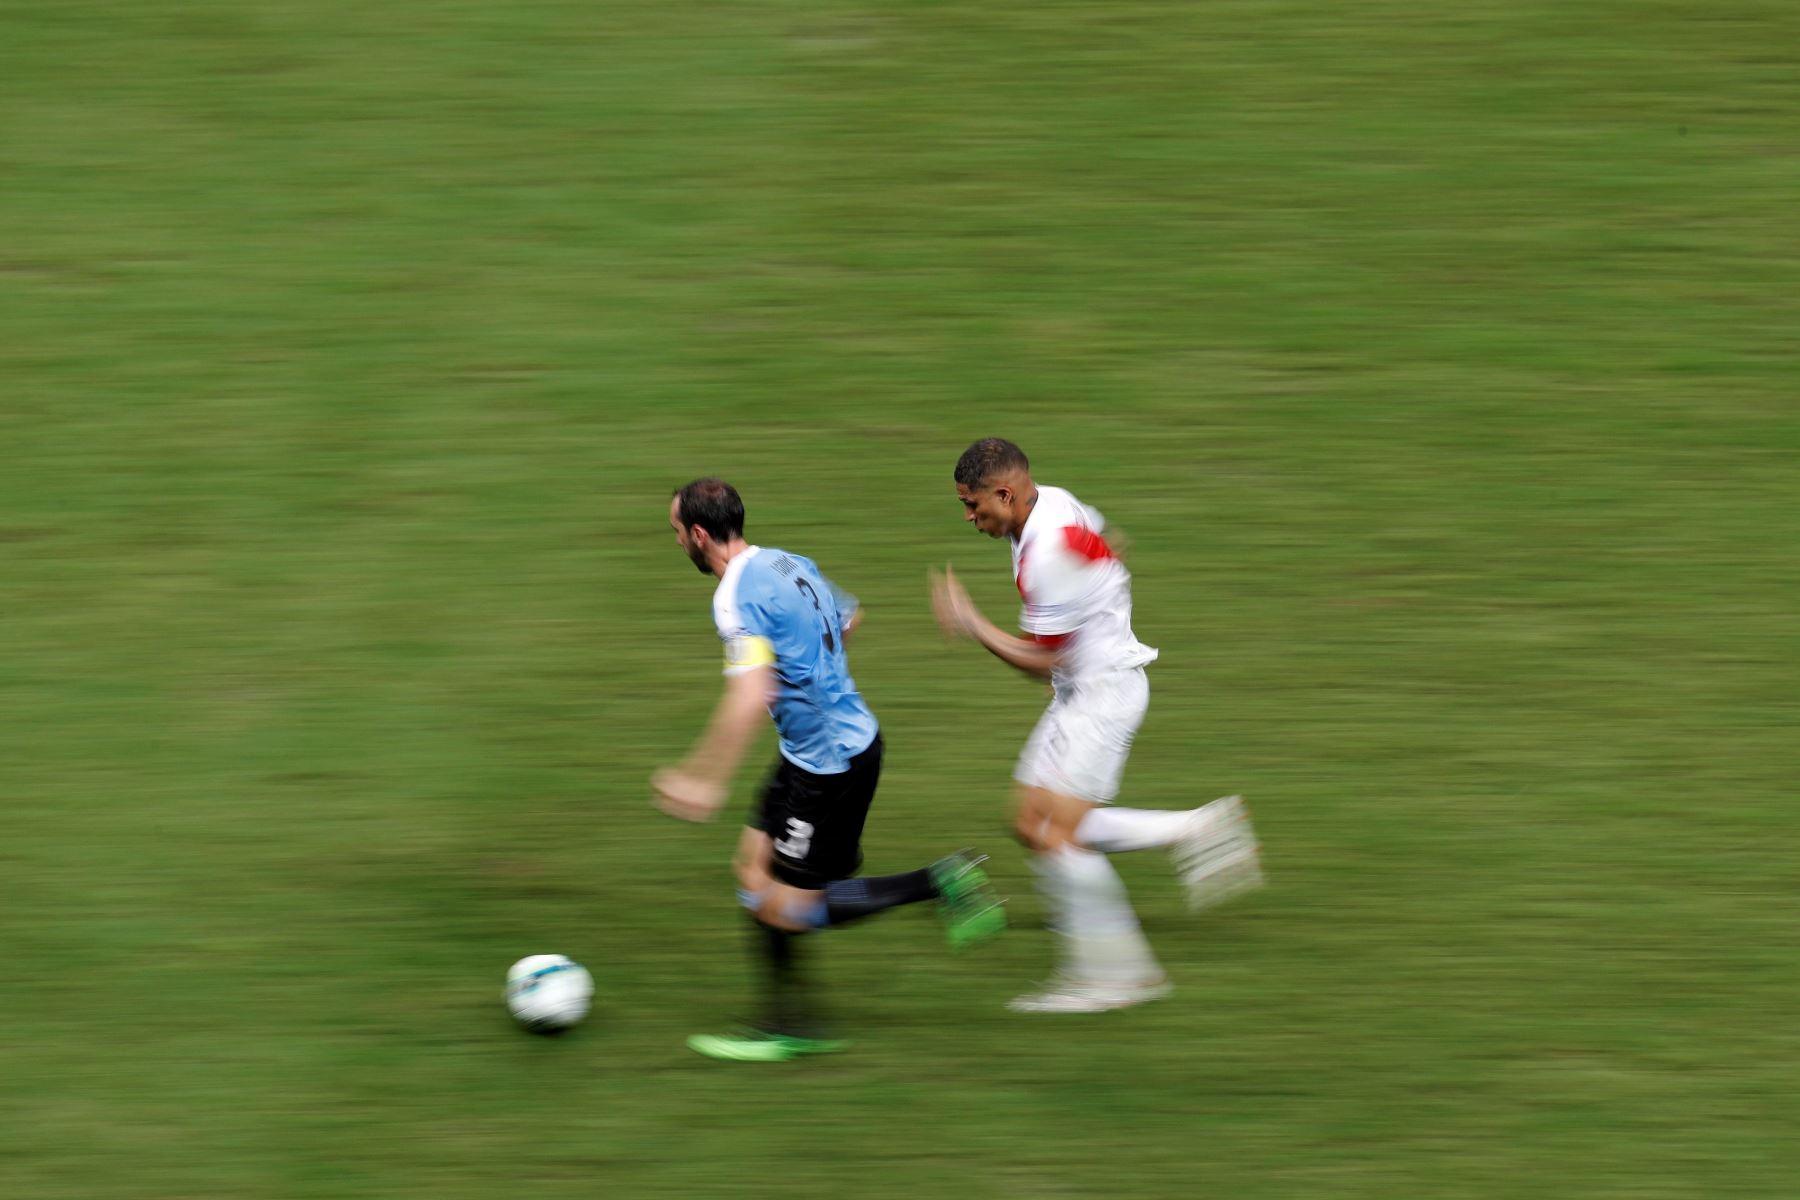 El jugador de Uruguay Diego Godín (i) disputa el balón con Paolo Guerrero de Perú, durante el partido Uruguay-Perú de cuartos de final de la Copa América de Fútbol 2019, en el Estadio Arena Fonte Nova. Foto: EFE